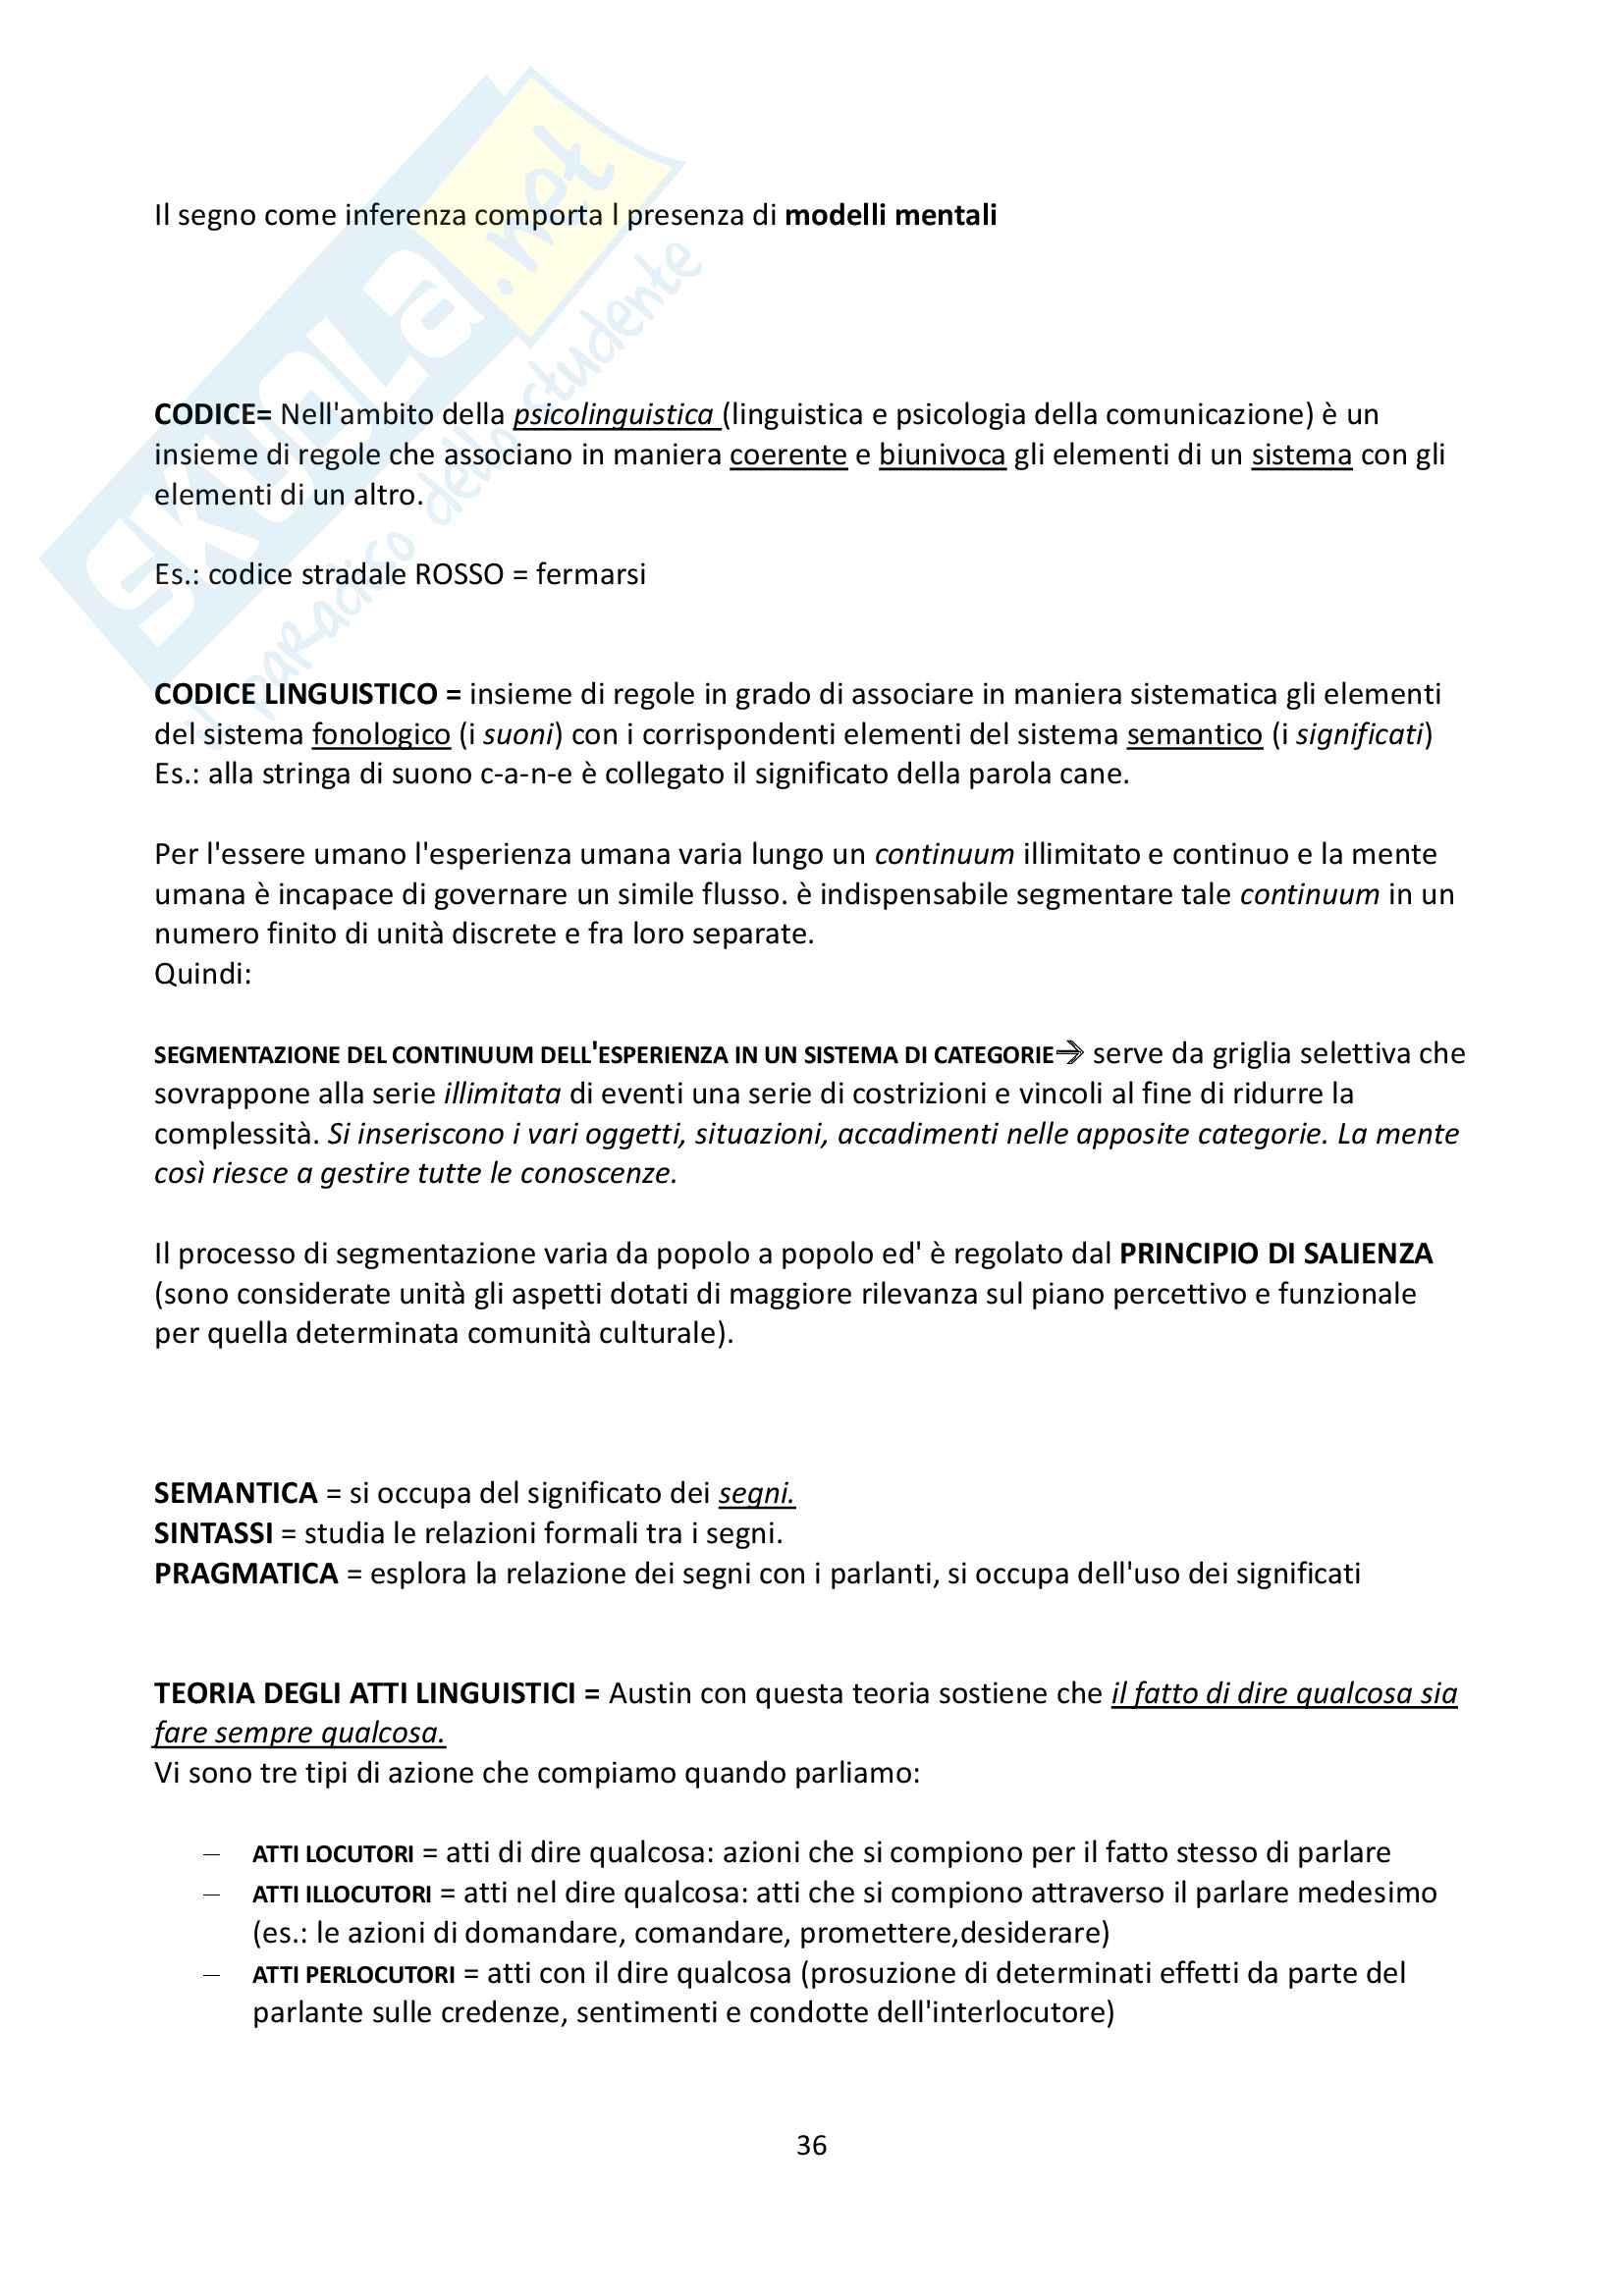 """Riassunto esame Psicologia Generale, docente Federici, libro consigliato """"Psicologia Generale"""" di L. Anolli e P. Legrenzi Pag. 36"""